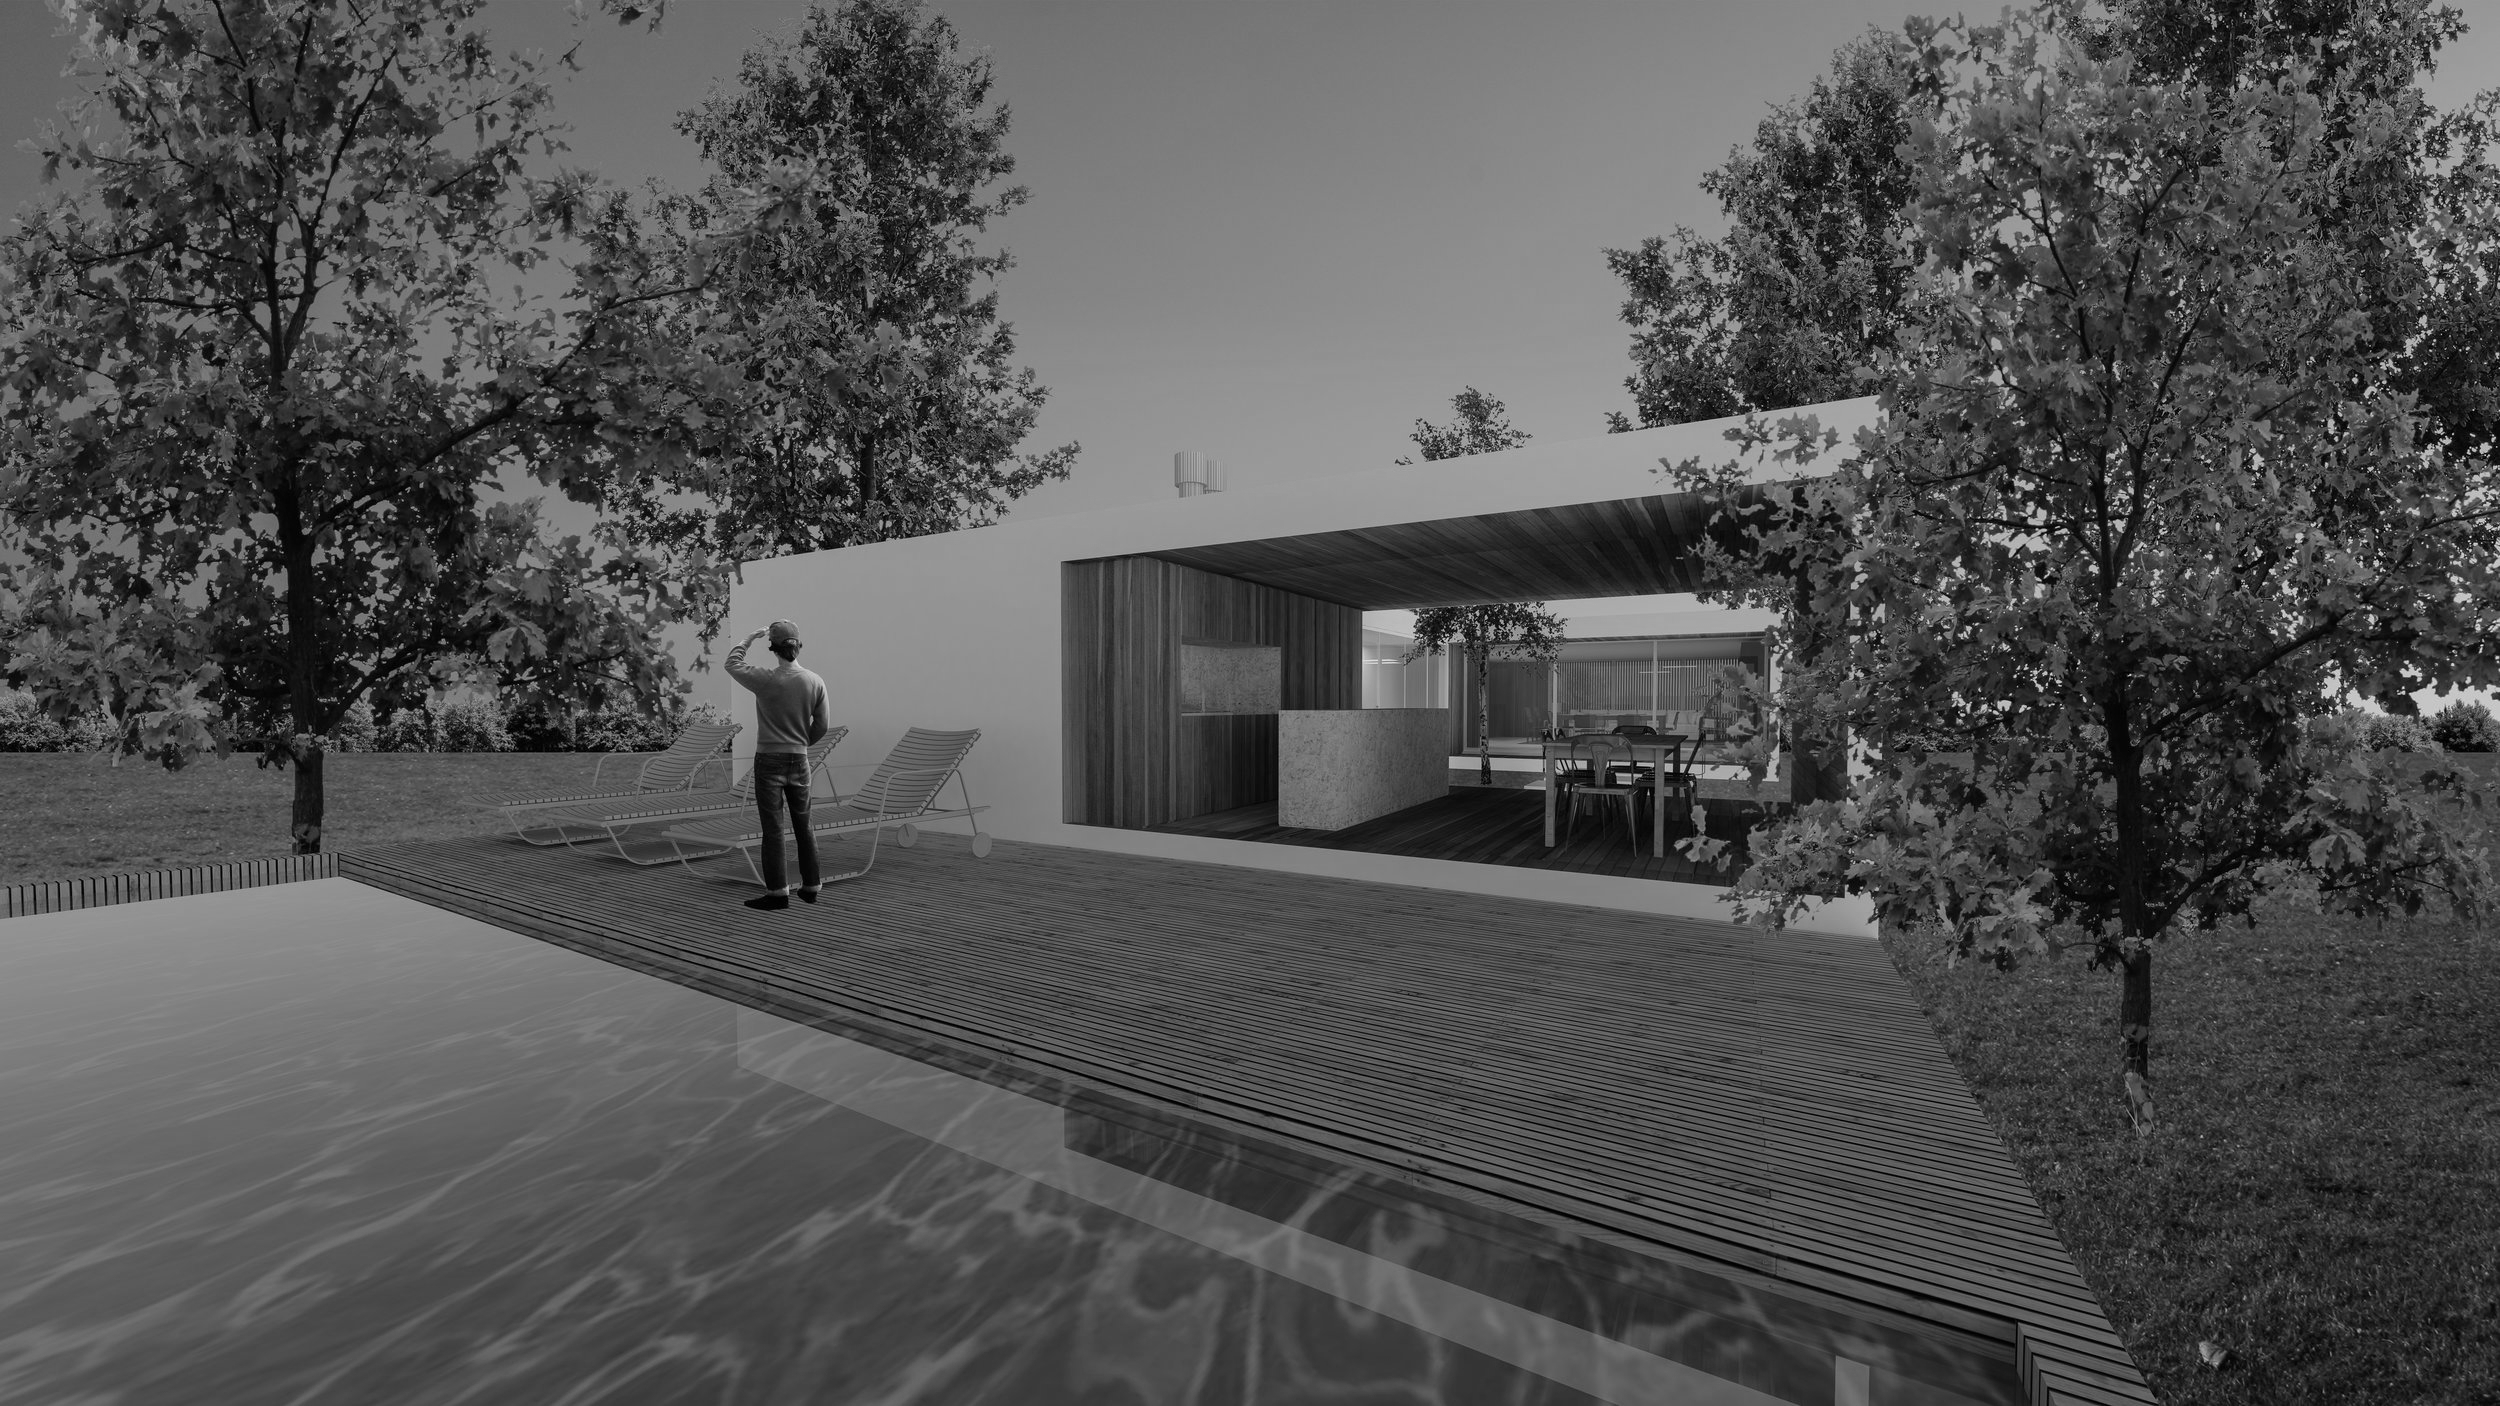 quark // out - desenvolvemos um projeto de paisagismo e ambientação para sua quark tiny house. criamos uma atmosfera para o uso de seu módulo, de forma que ele se integre de modo mais orgânico ao seu entorno.